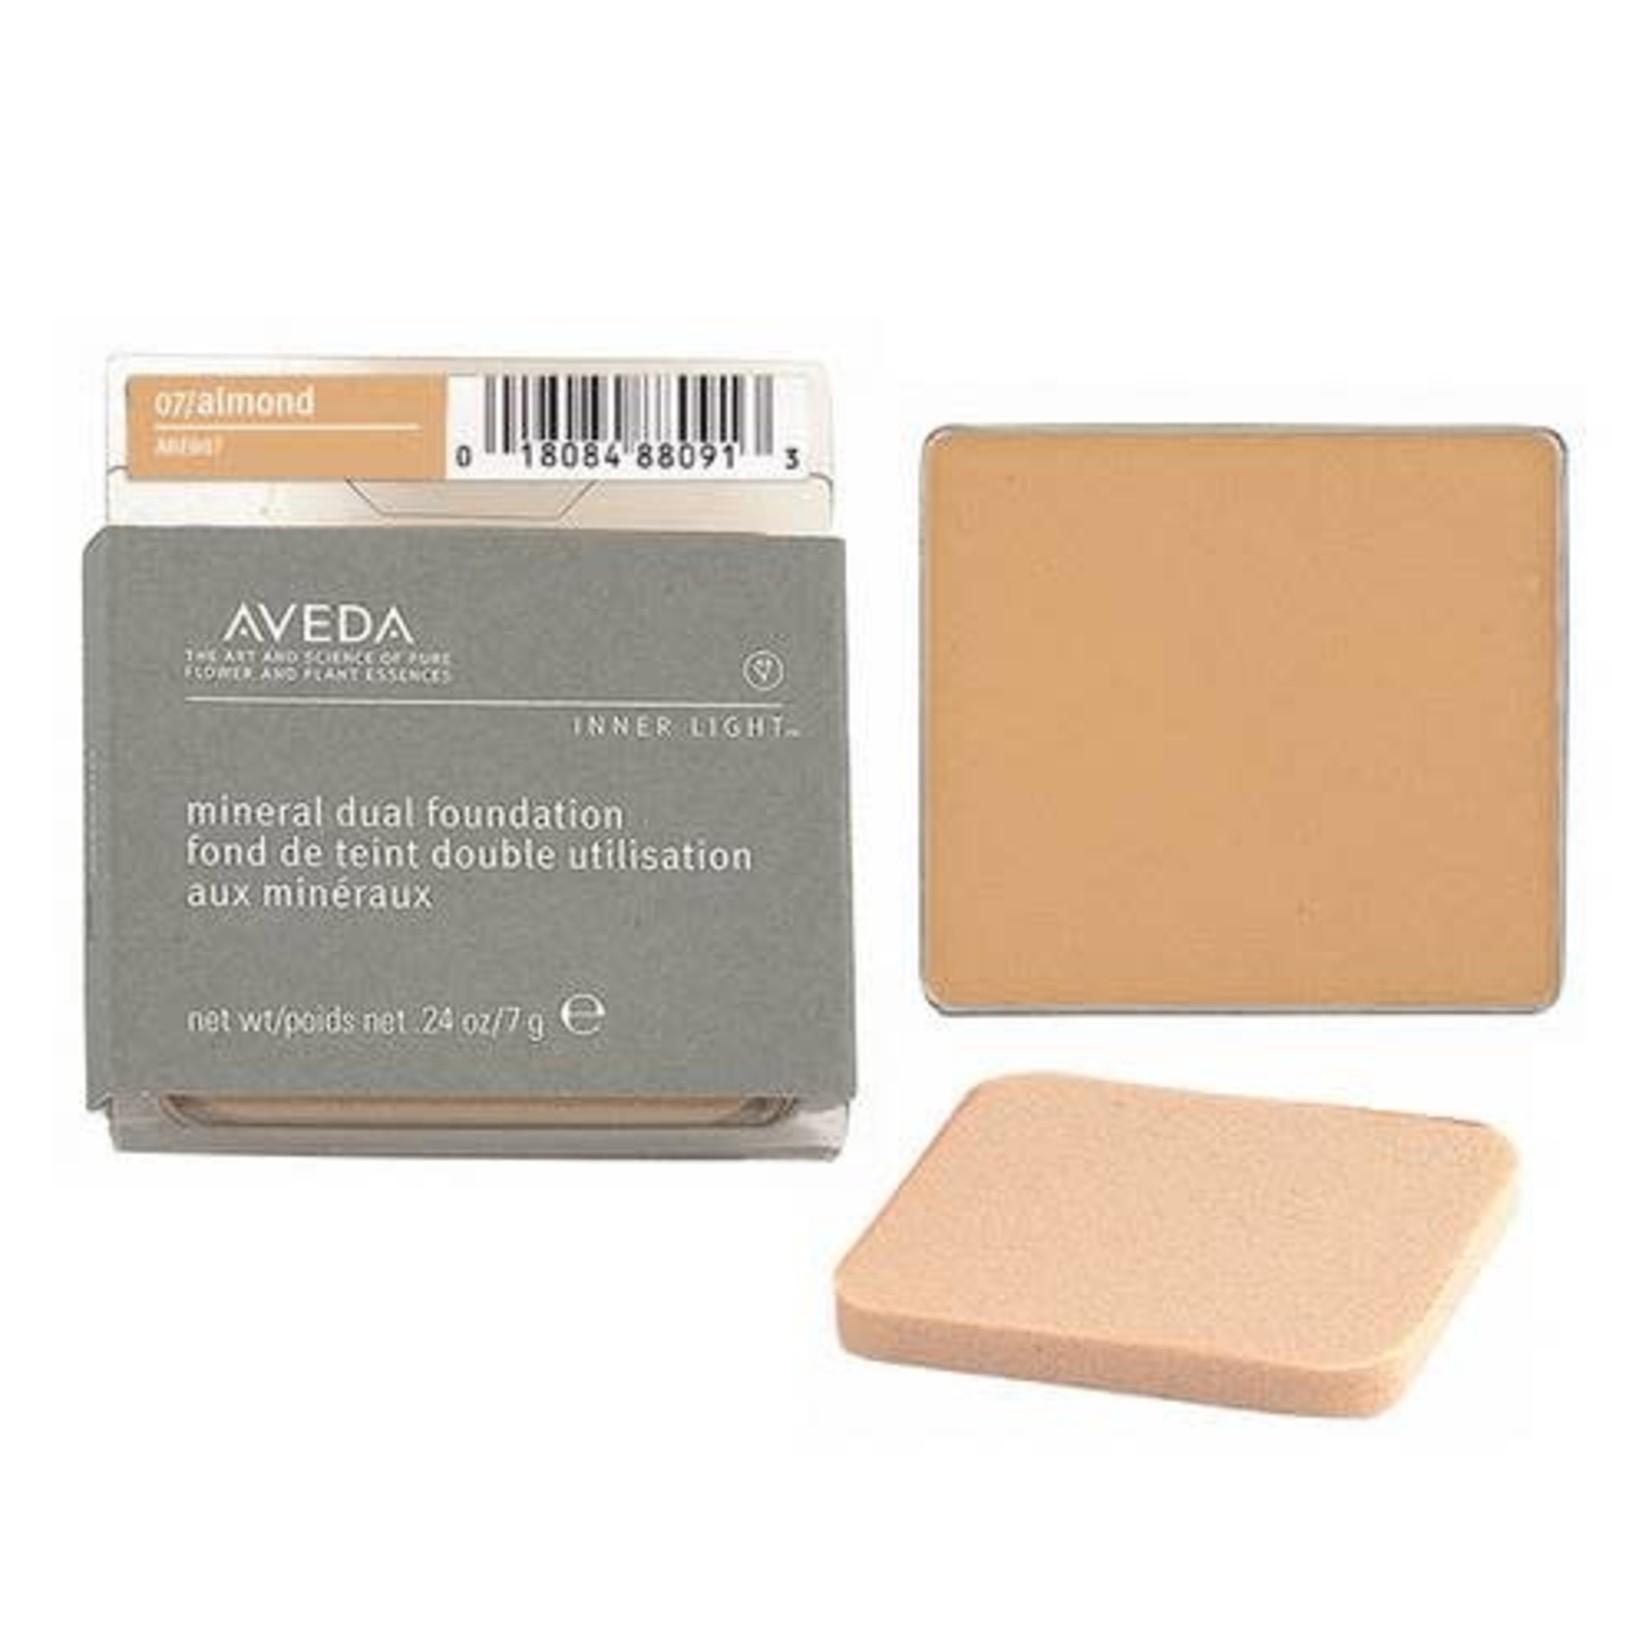 AVEDA Inner Light™ Mineral Dual Foundation